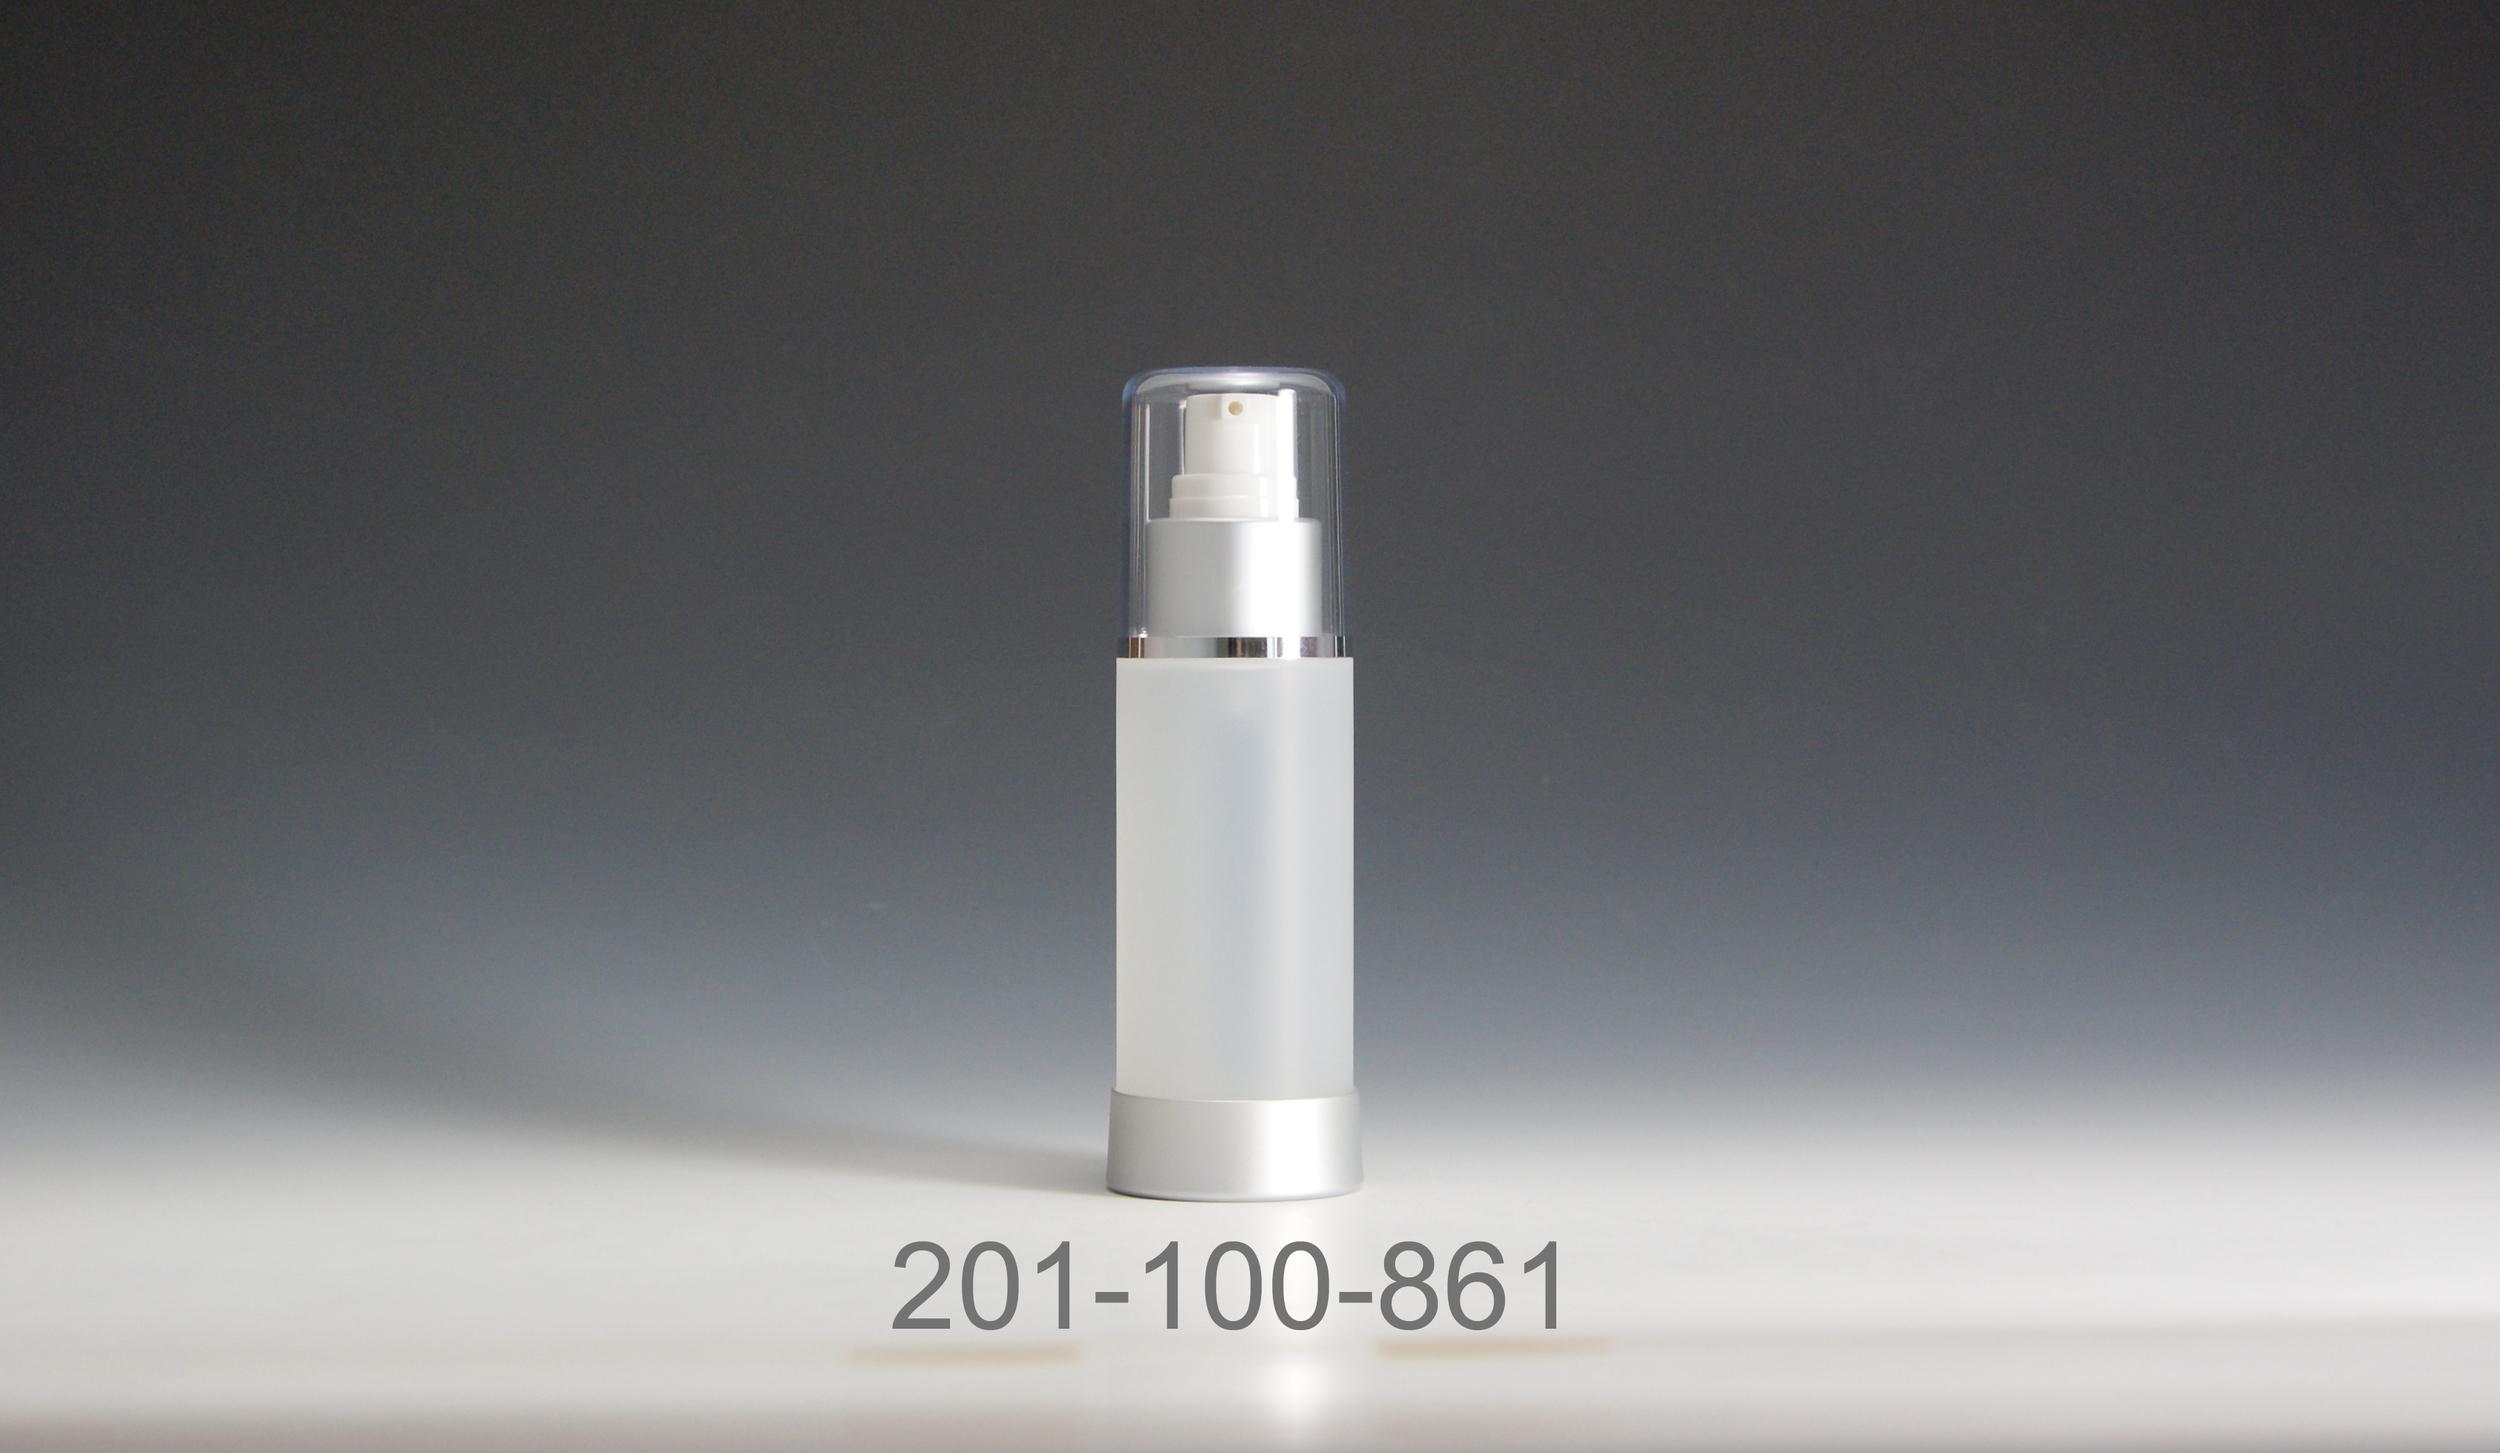 201-100-861.jpg